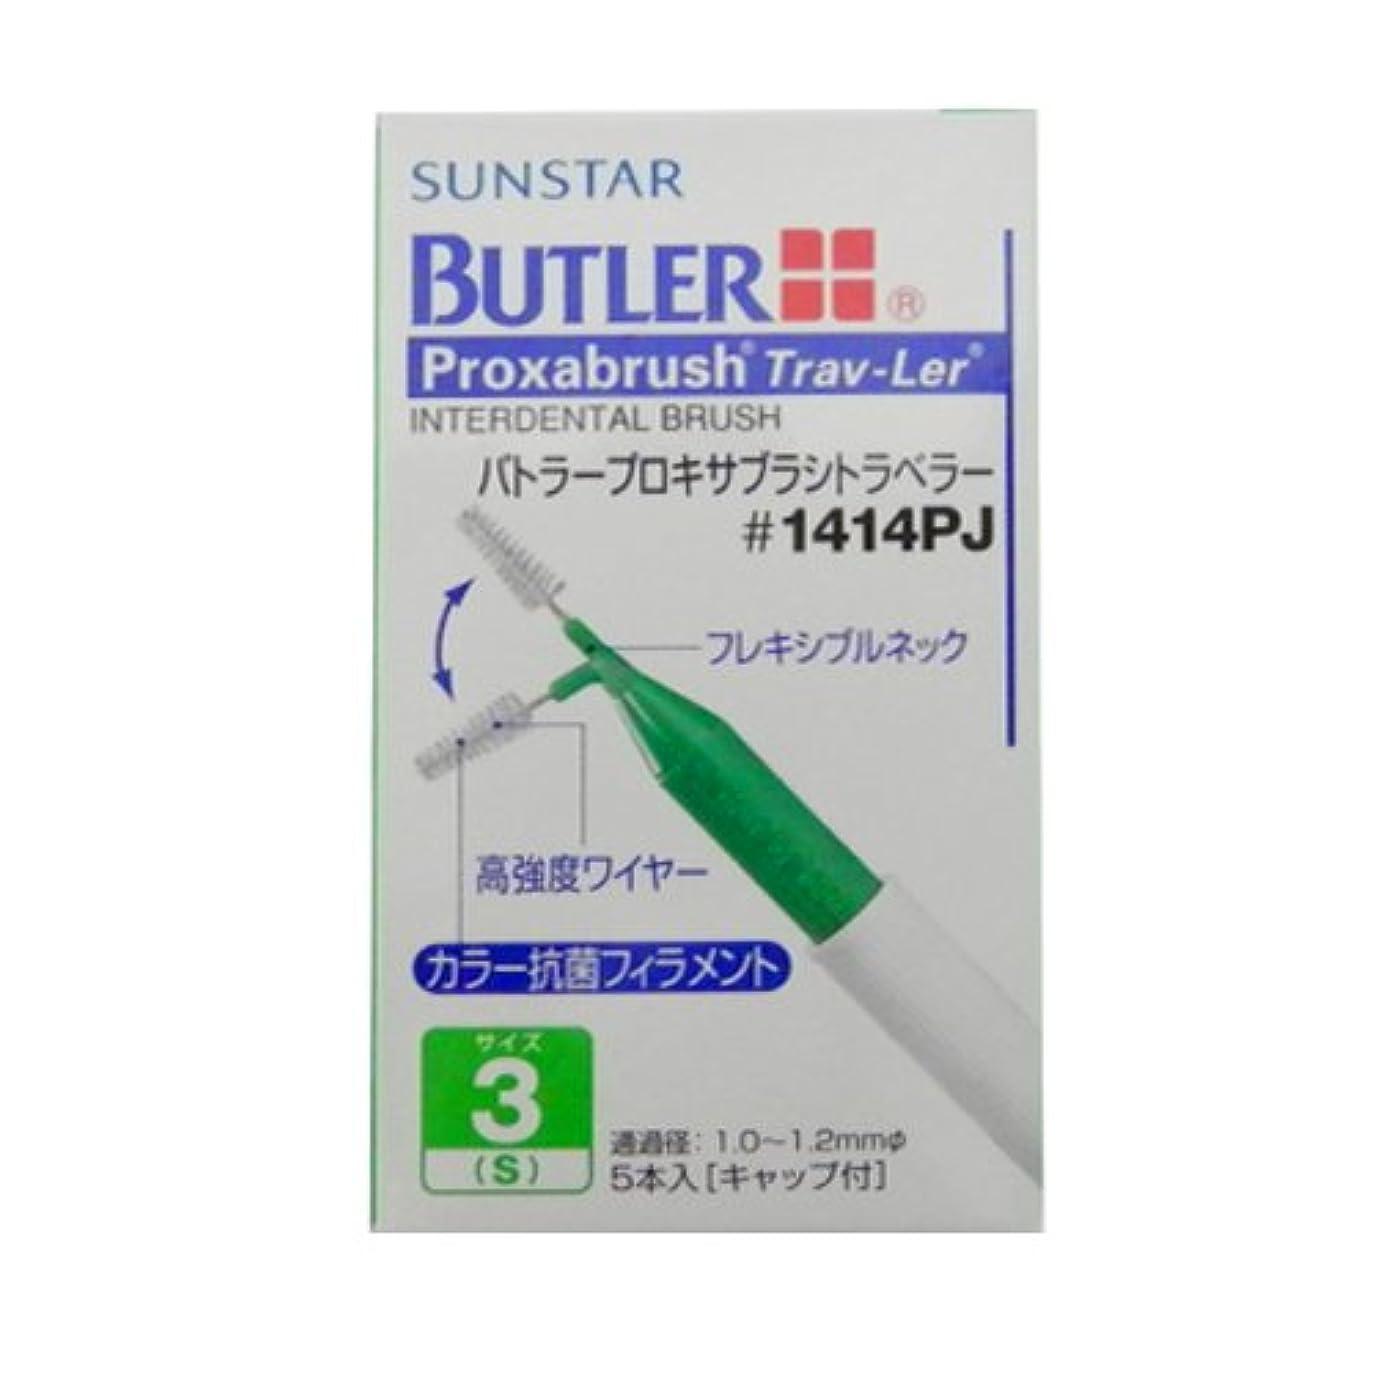 減衰乳剤オンスバトラー プロキサブラシトラベラー 5本入 S グリーン